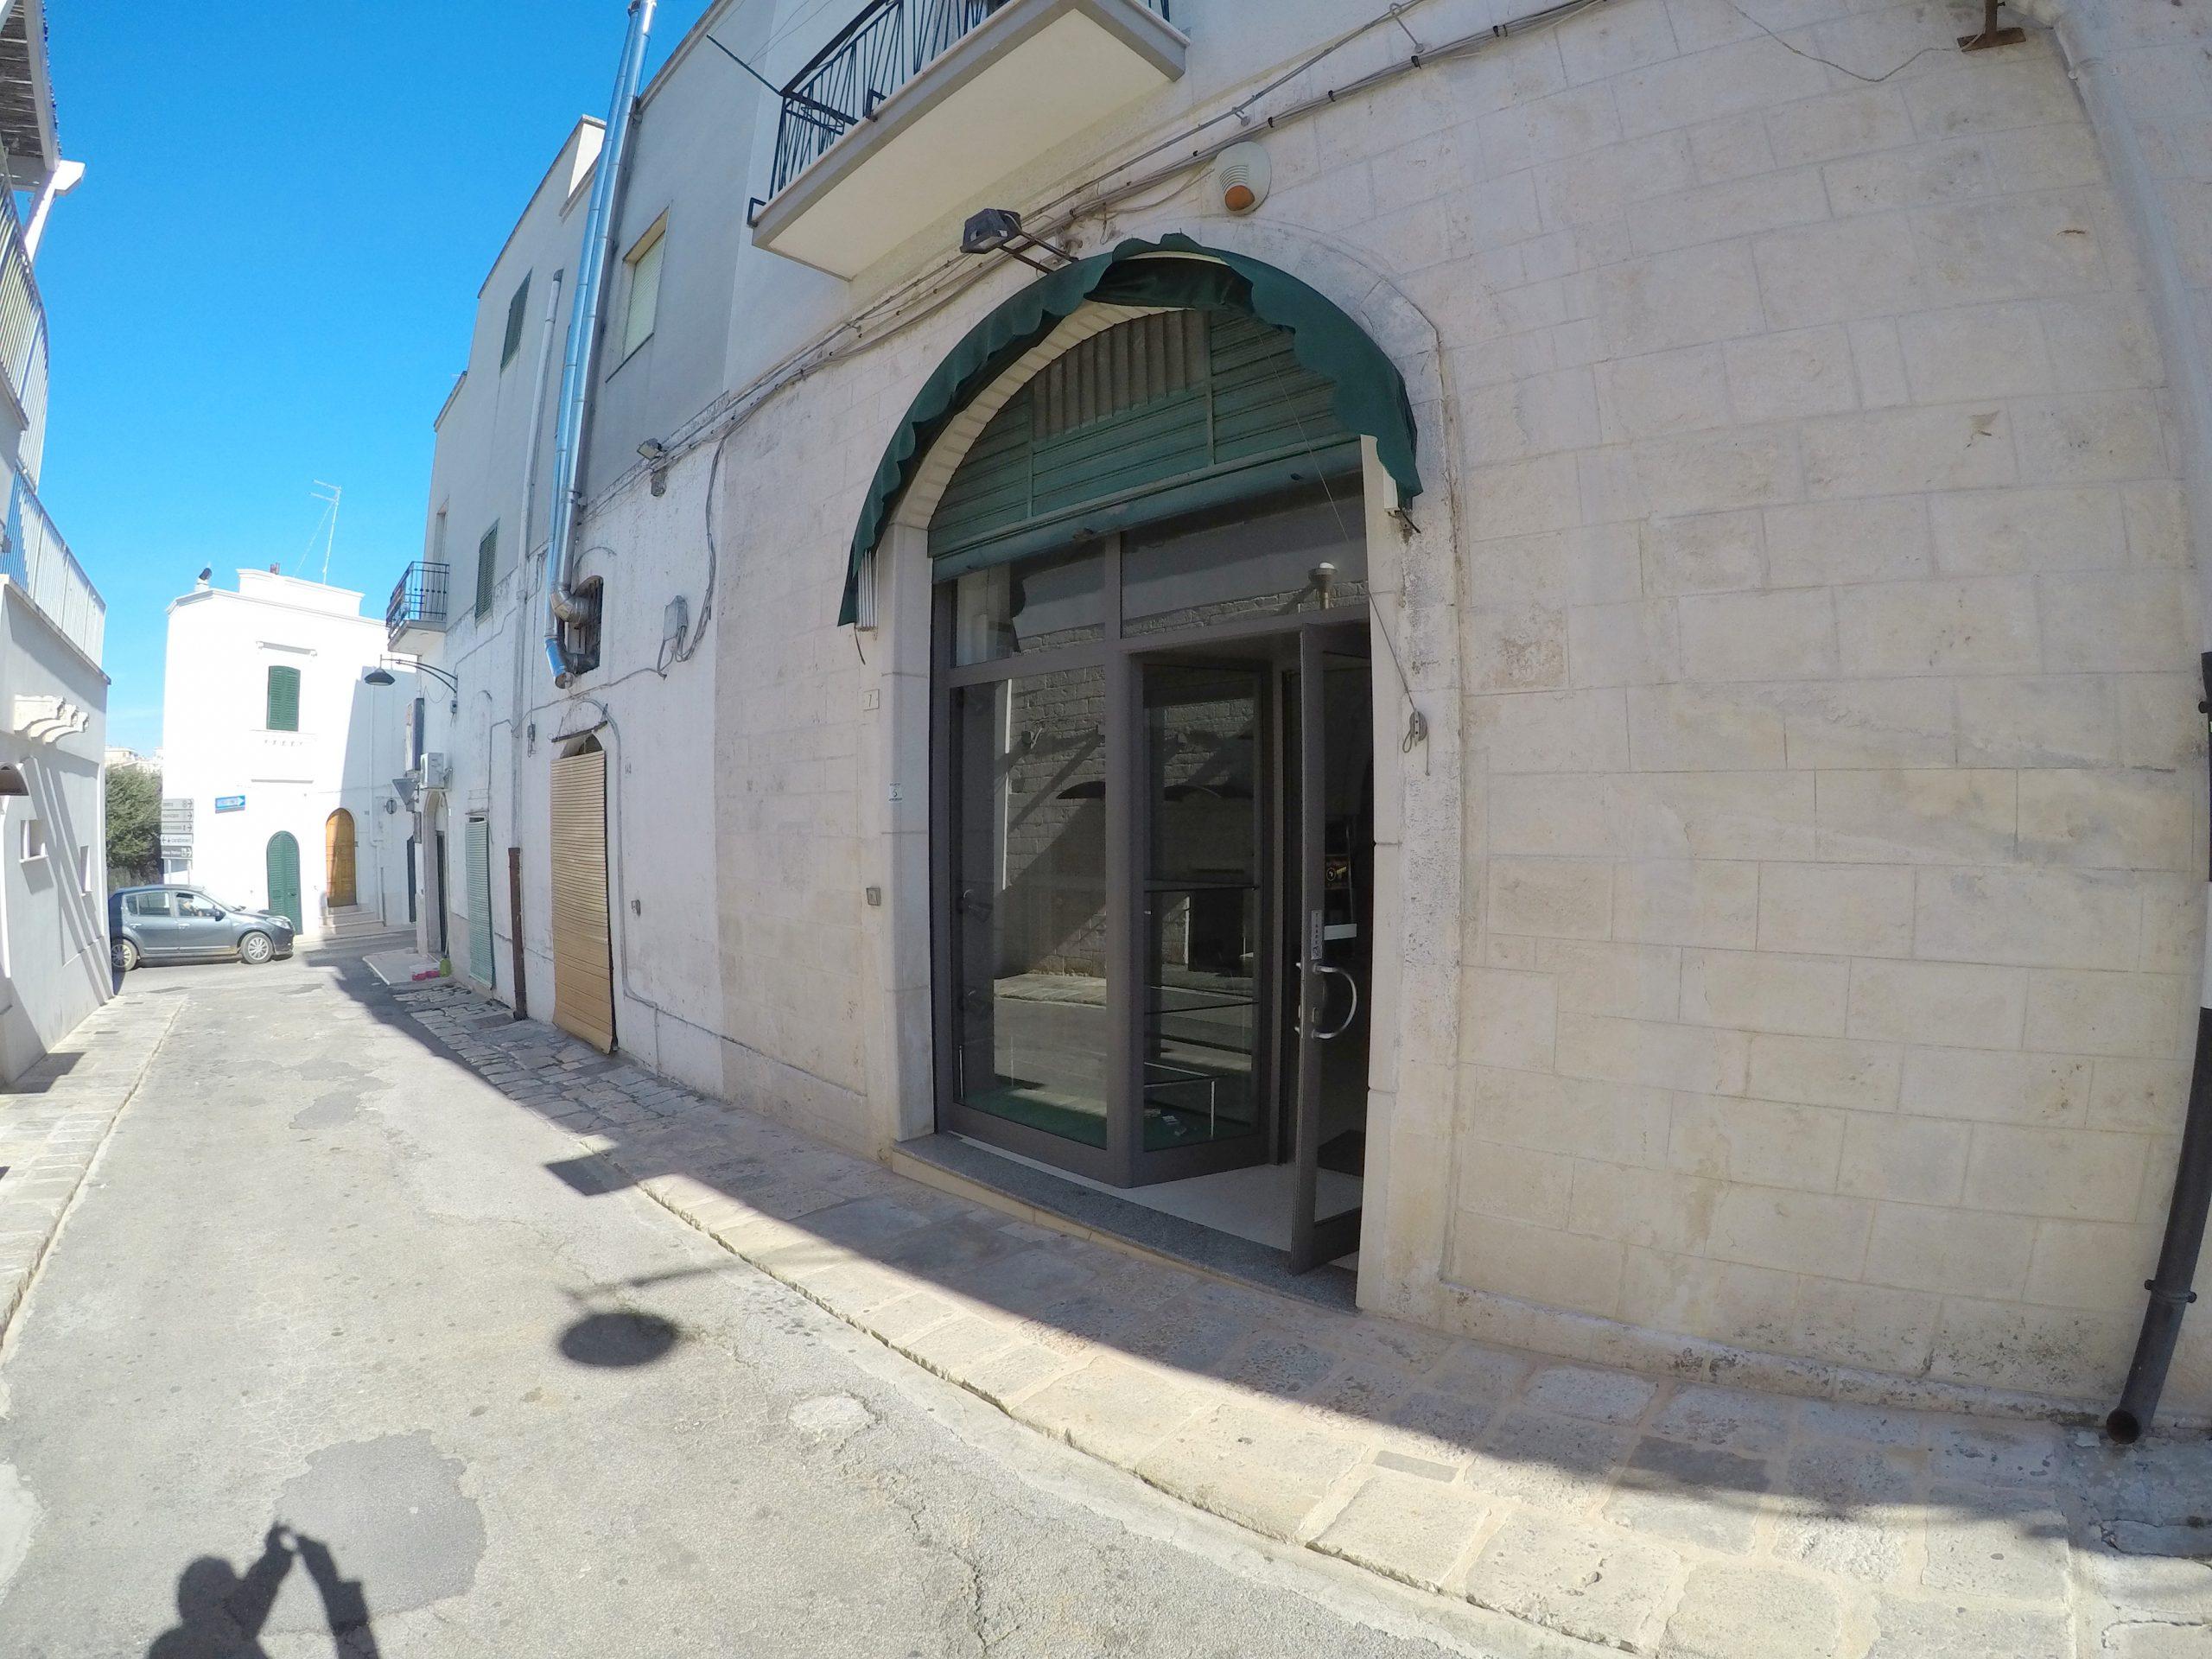 Locale Commerciale Via Giovanni Pascoli